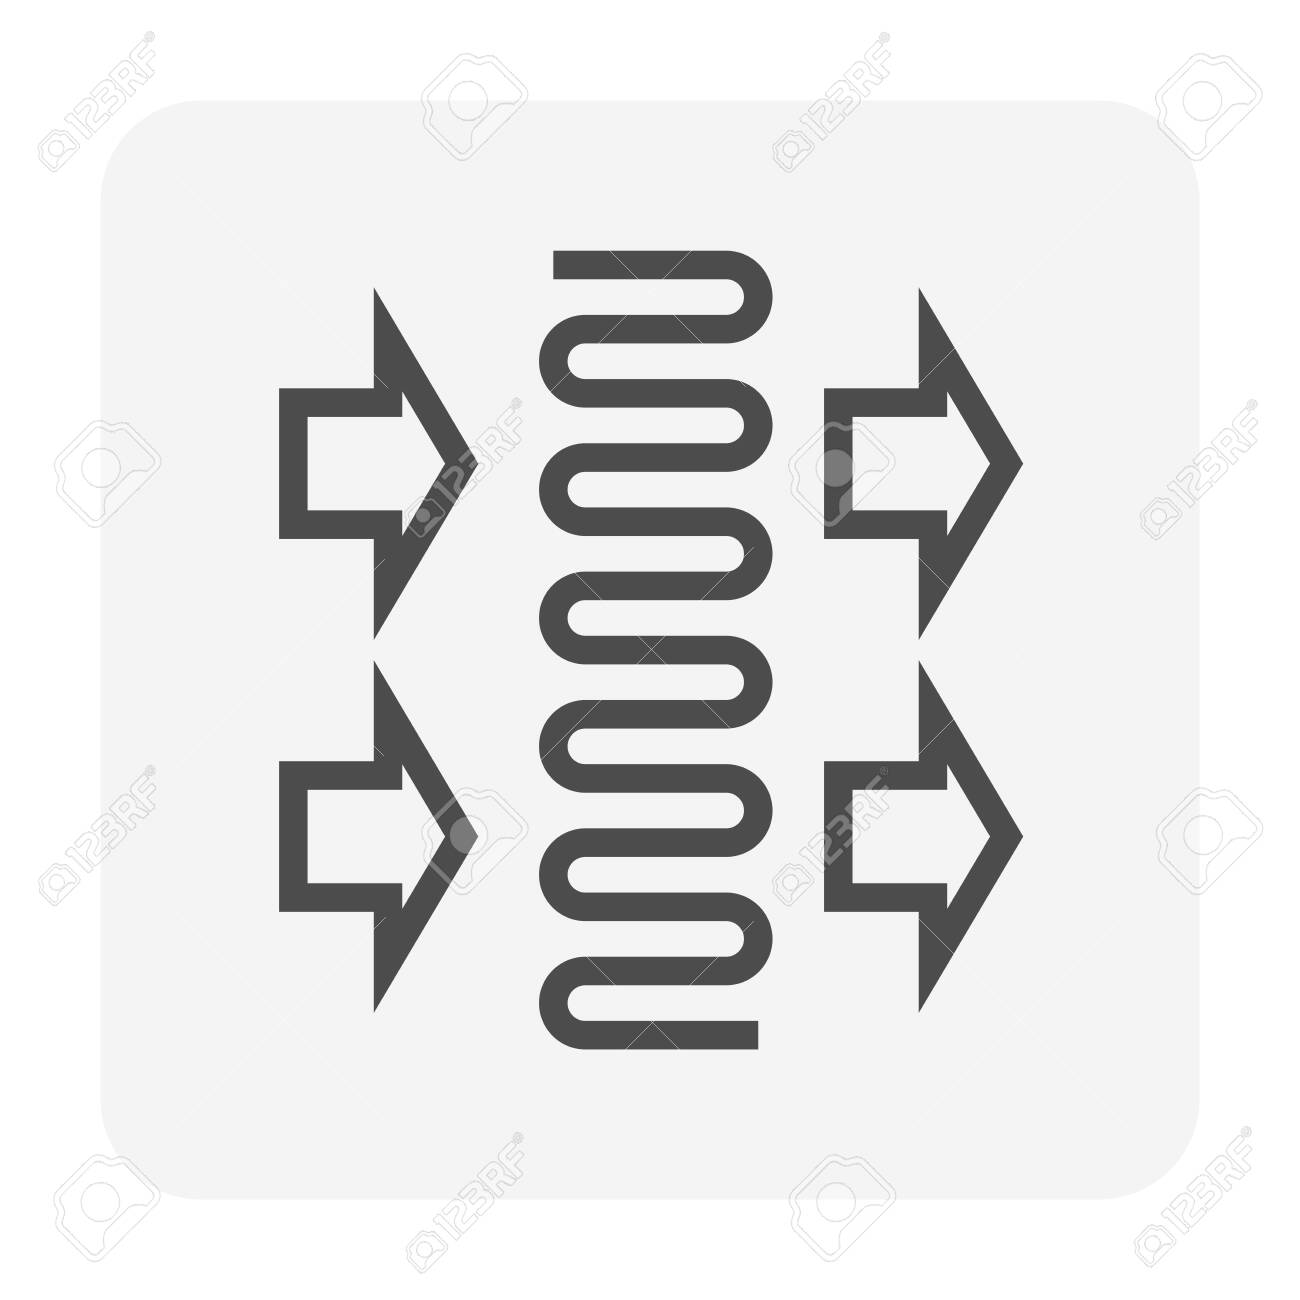 Air conditioner coil part icon design, editable stroke. - 142739366